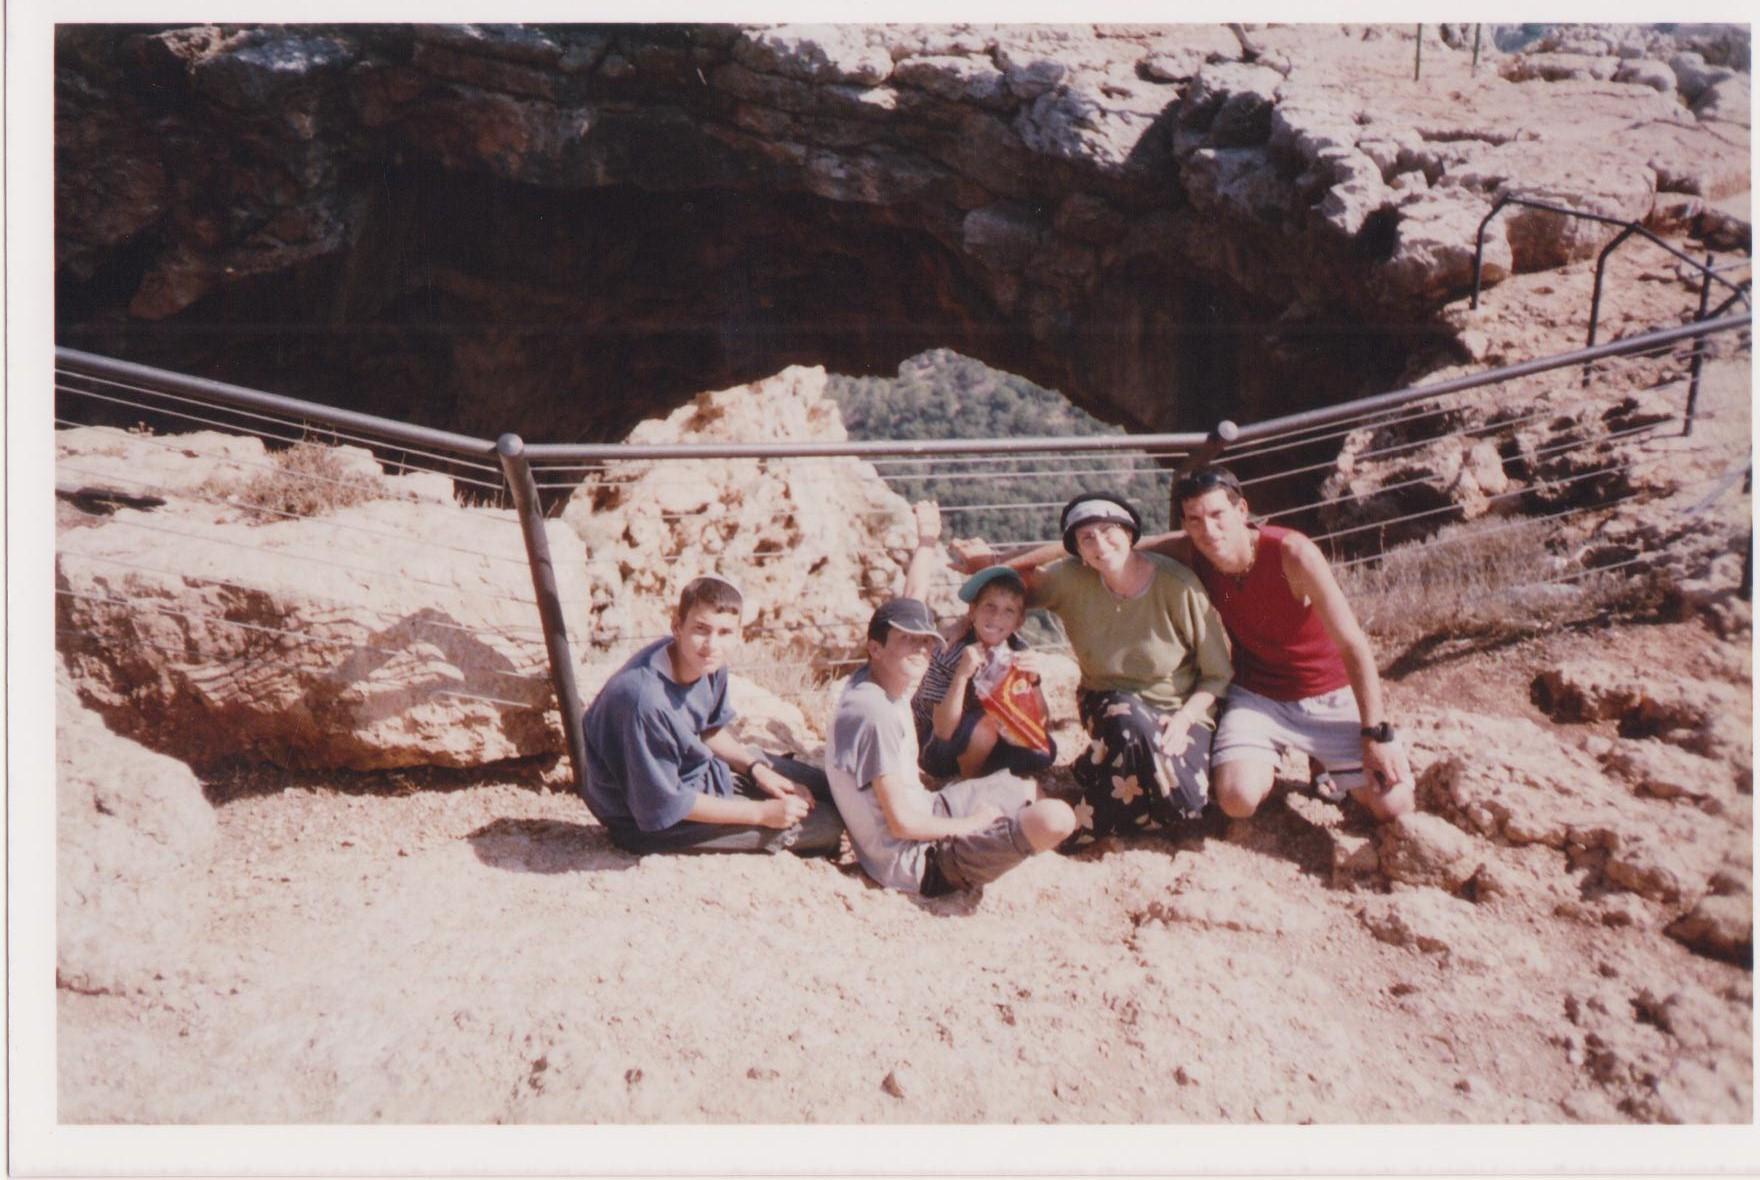 קיץ תשסז לקראת גלישה במערת קשת